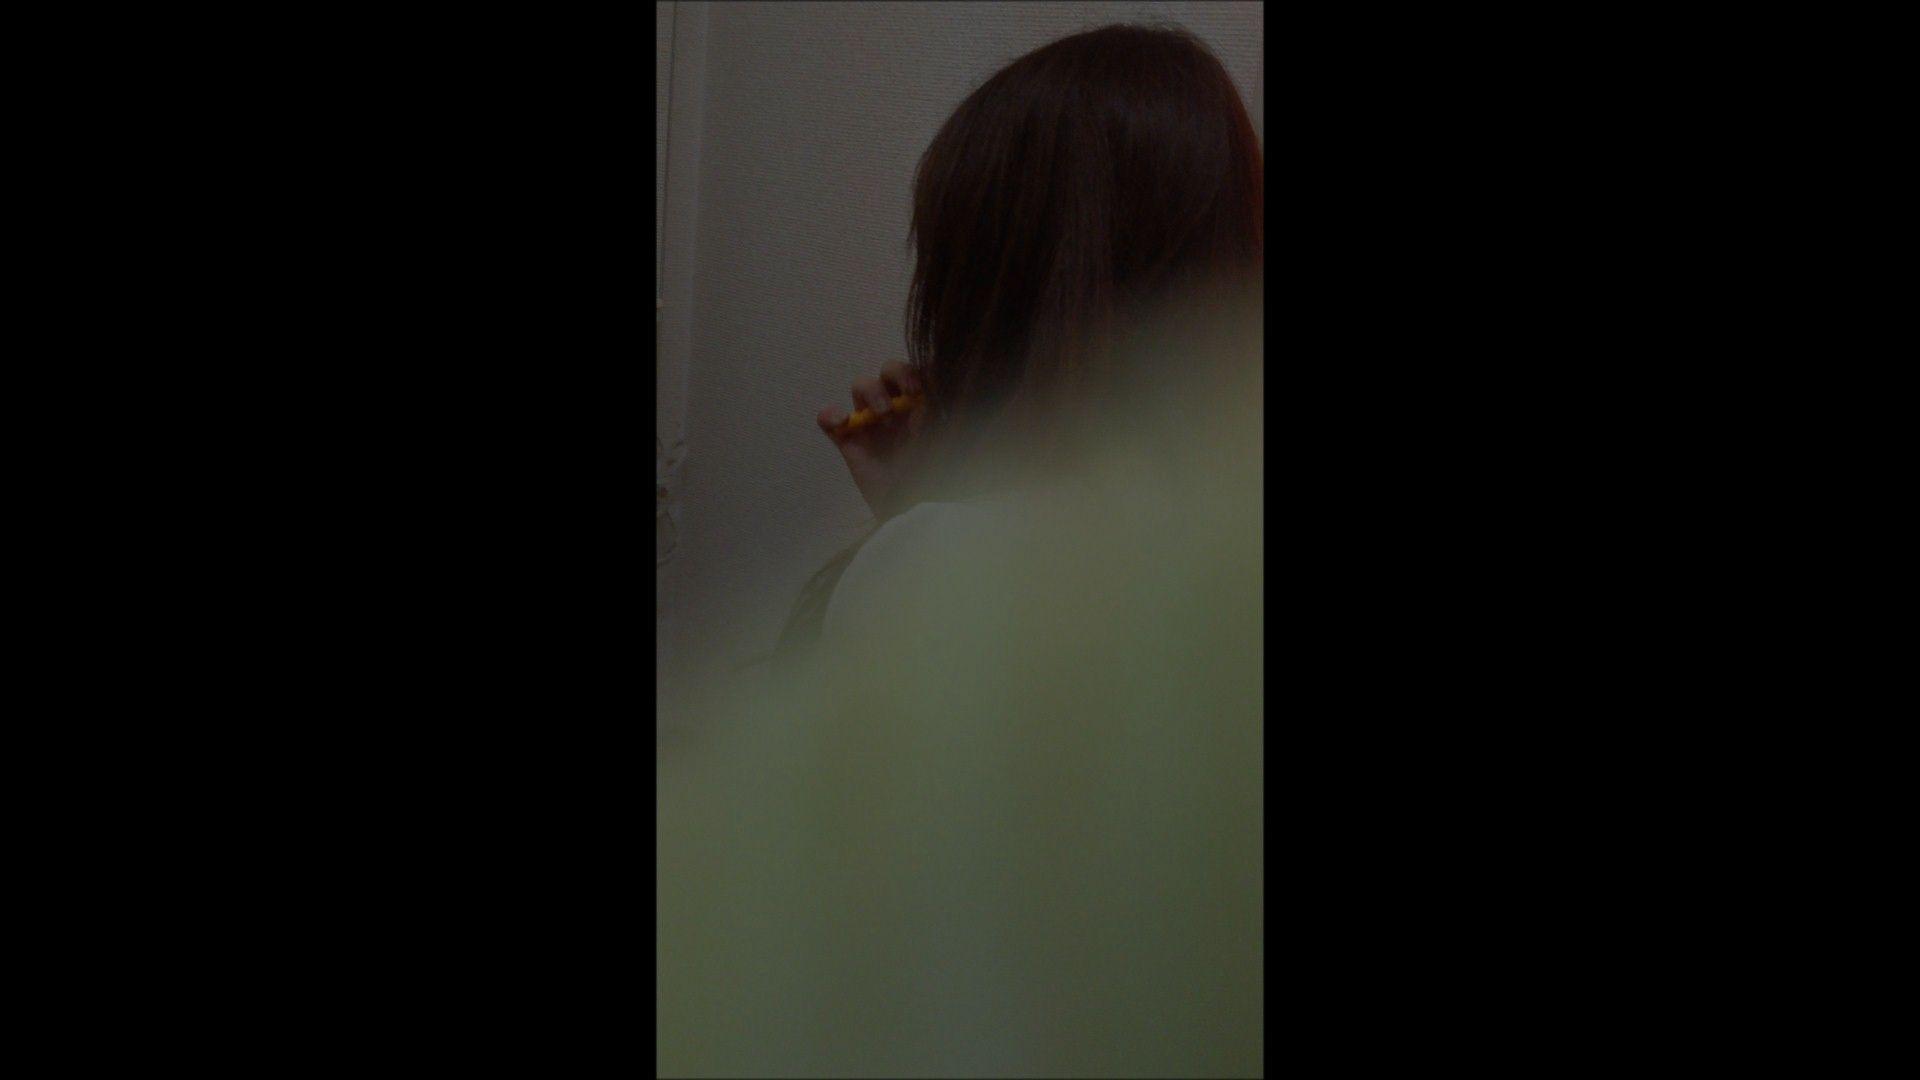 ハメ撮り 08(8日目)メイク中の彼女の顔を撮りました! 大奥